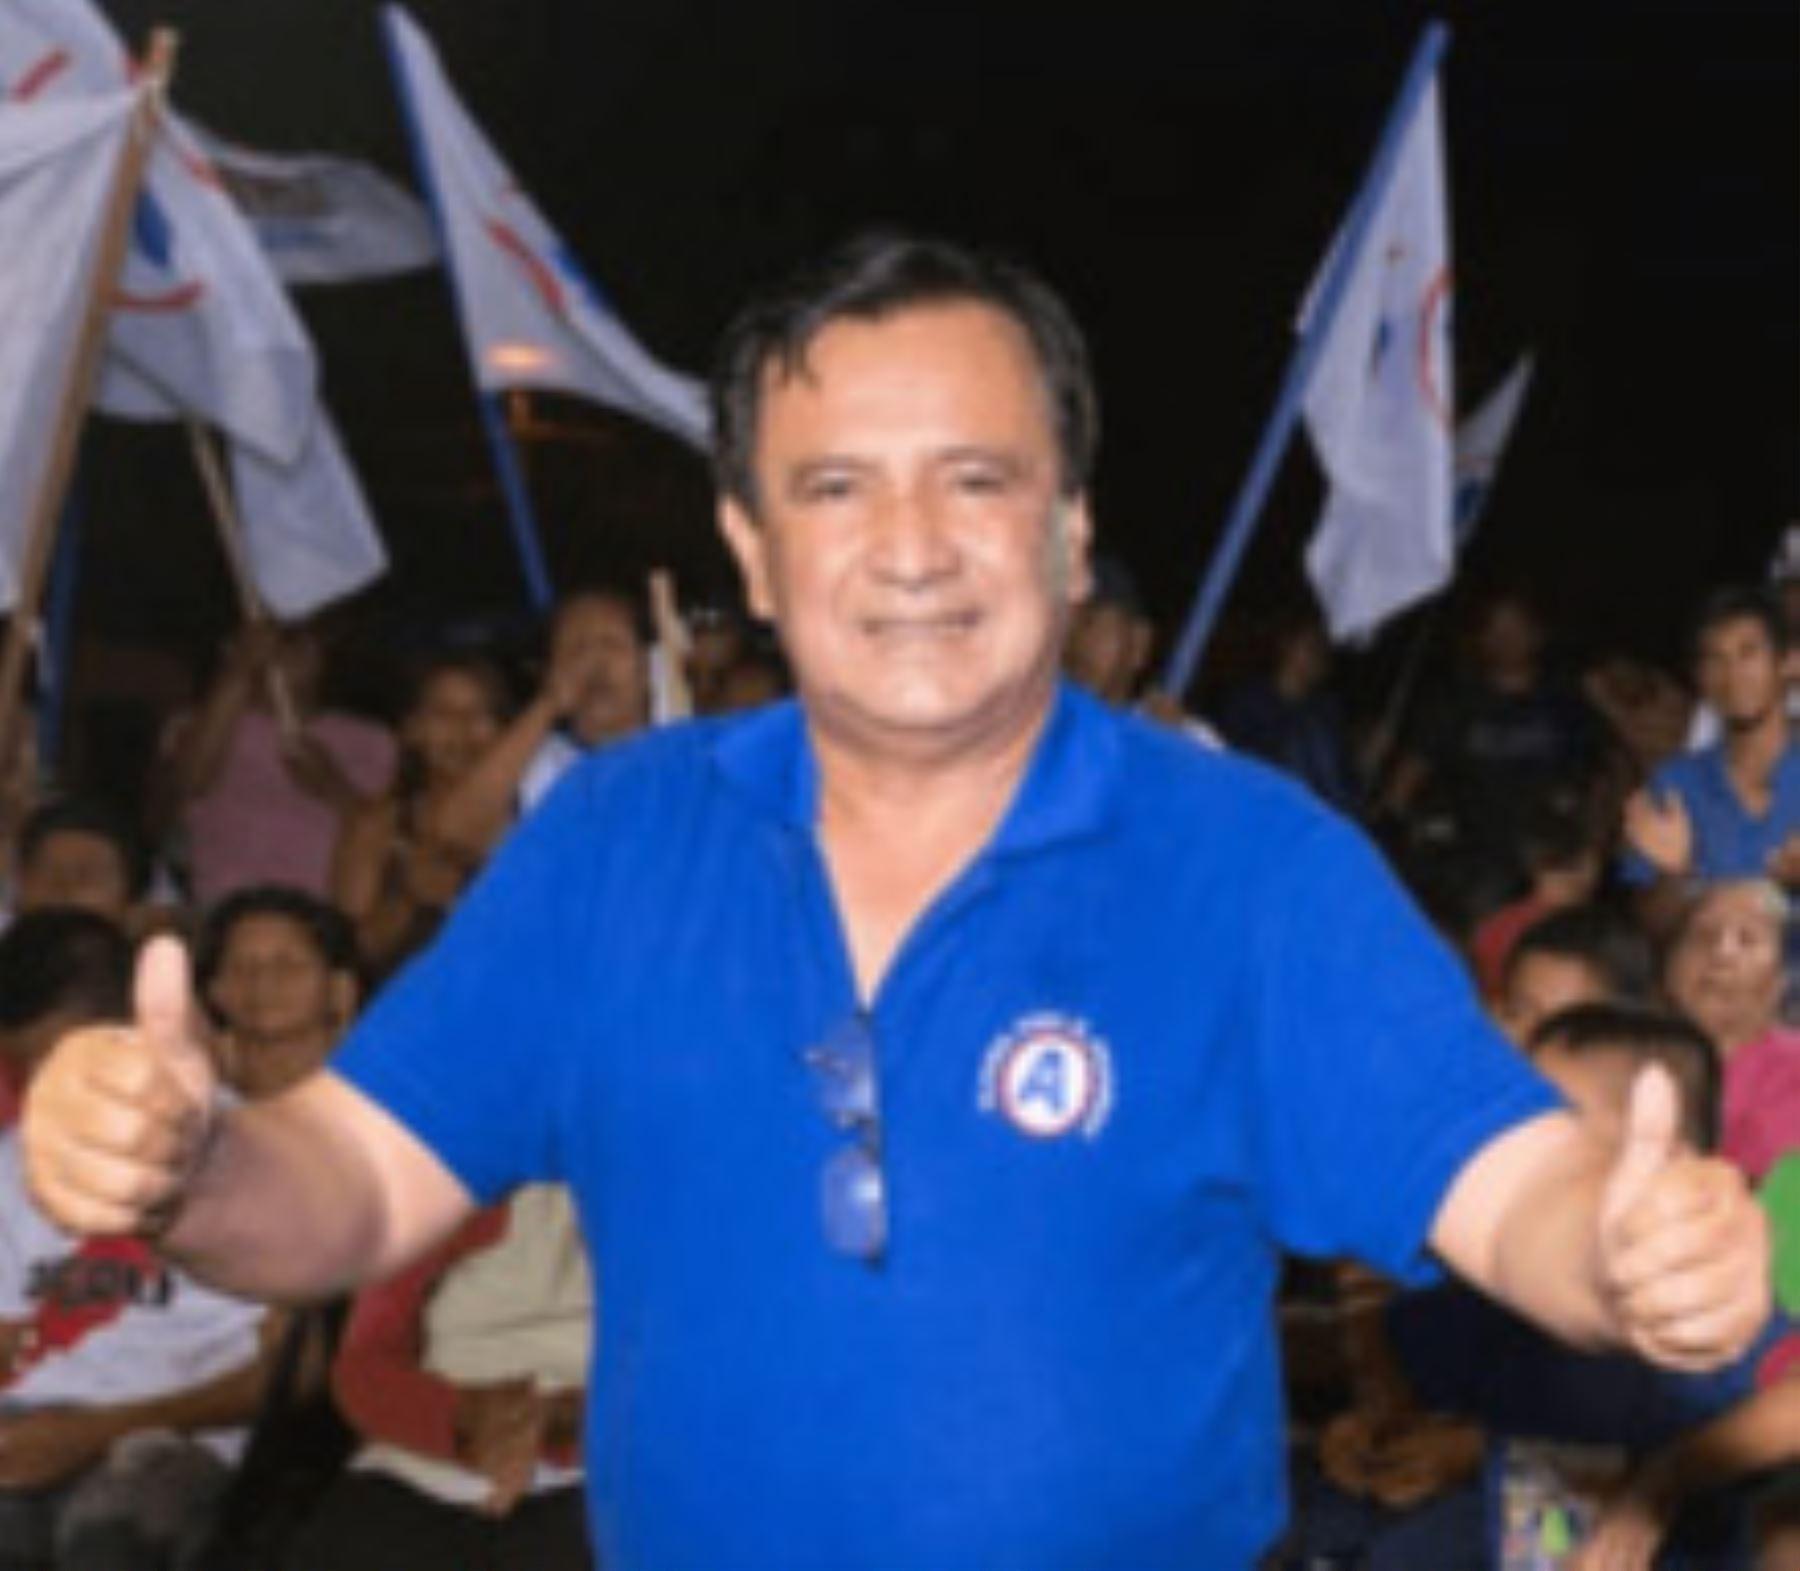 El candidato Francisco Pezo (Alianza para el Progreso) sería el flamante gobernador regional de Ucayali, al haber conseguido el 36.2% de los sufragios en los comicios de hoy, según el sondeo a boca de urna de la encuestadora Ipsos Perú.